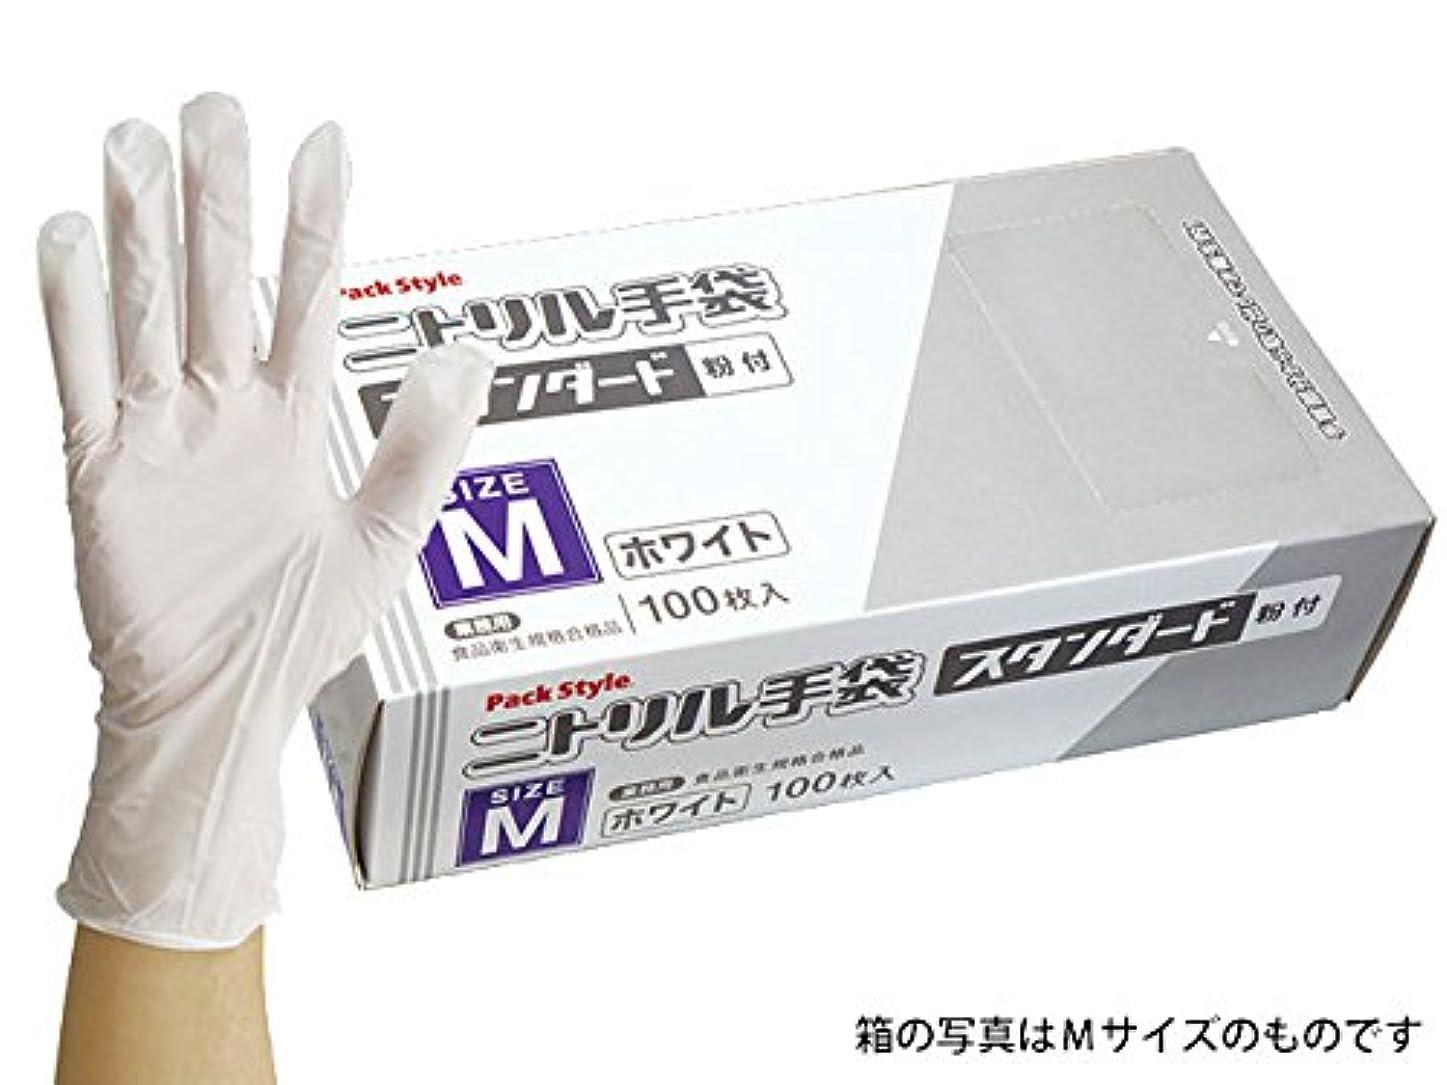 破産輸血家族パックスタイル 業務用 使い捨て ニトリル手袋 スタンダード 白?粉付 S 3000枚 00531606